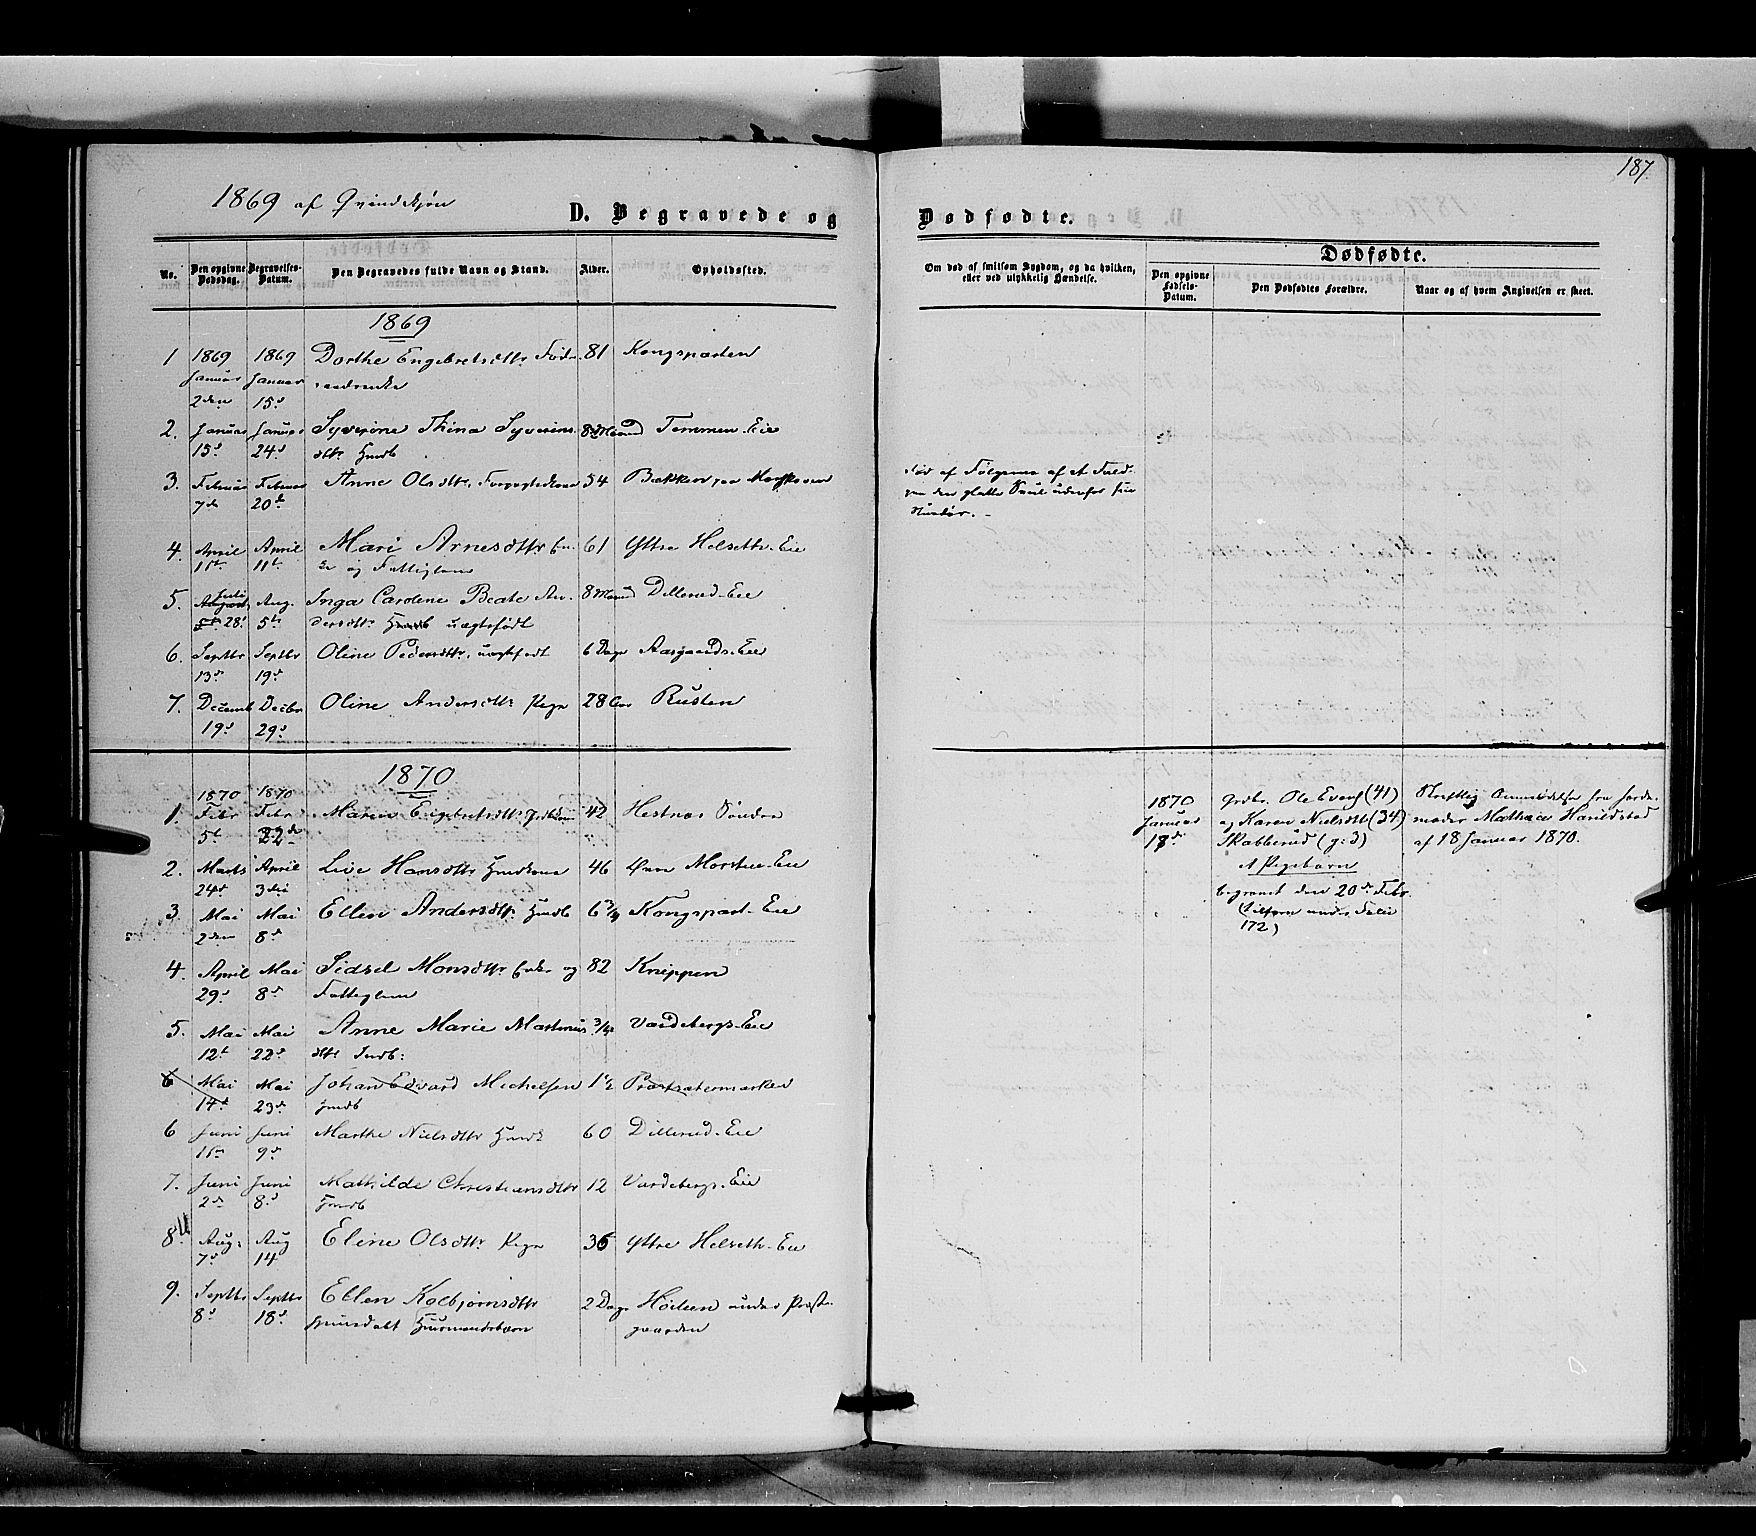 SAH, Stange prestekontor, K/L0014: Parish register (official) no. 14, 1862-1879, p. 187